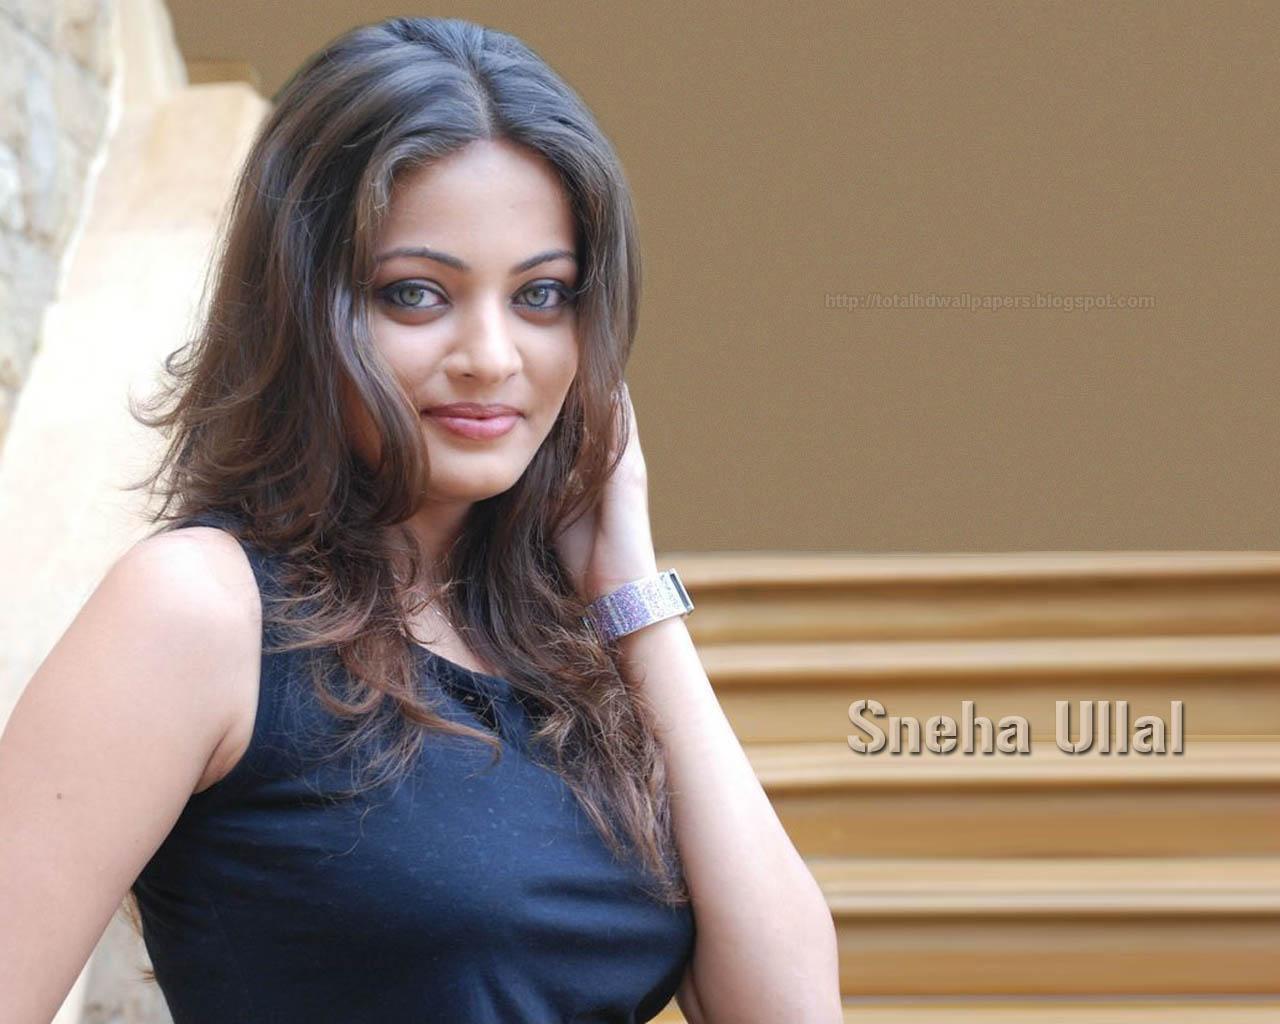 Lexa Doig Desktop Wallpapers - Sneha Ullal , HD Wallpaper & Backgrounds